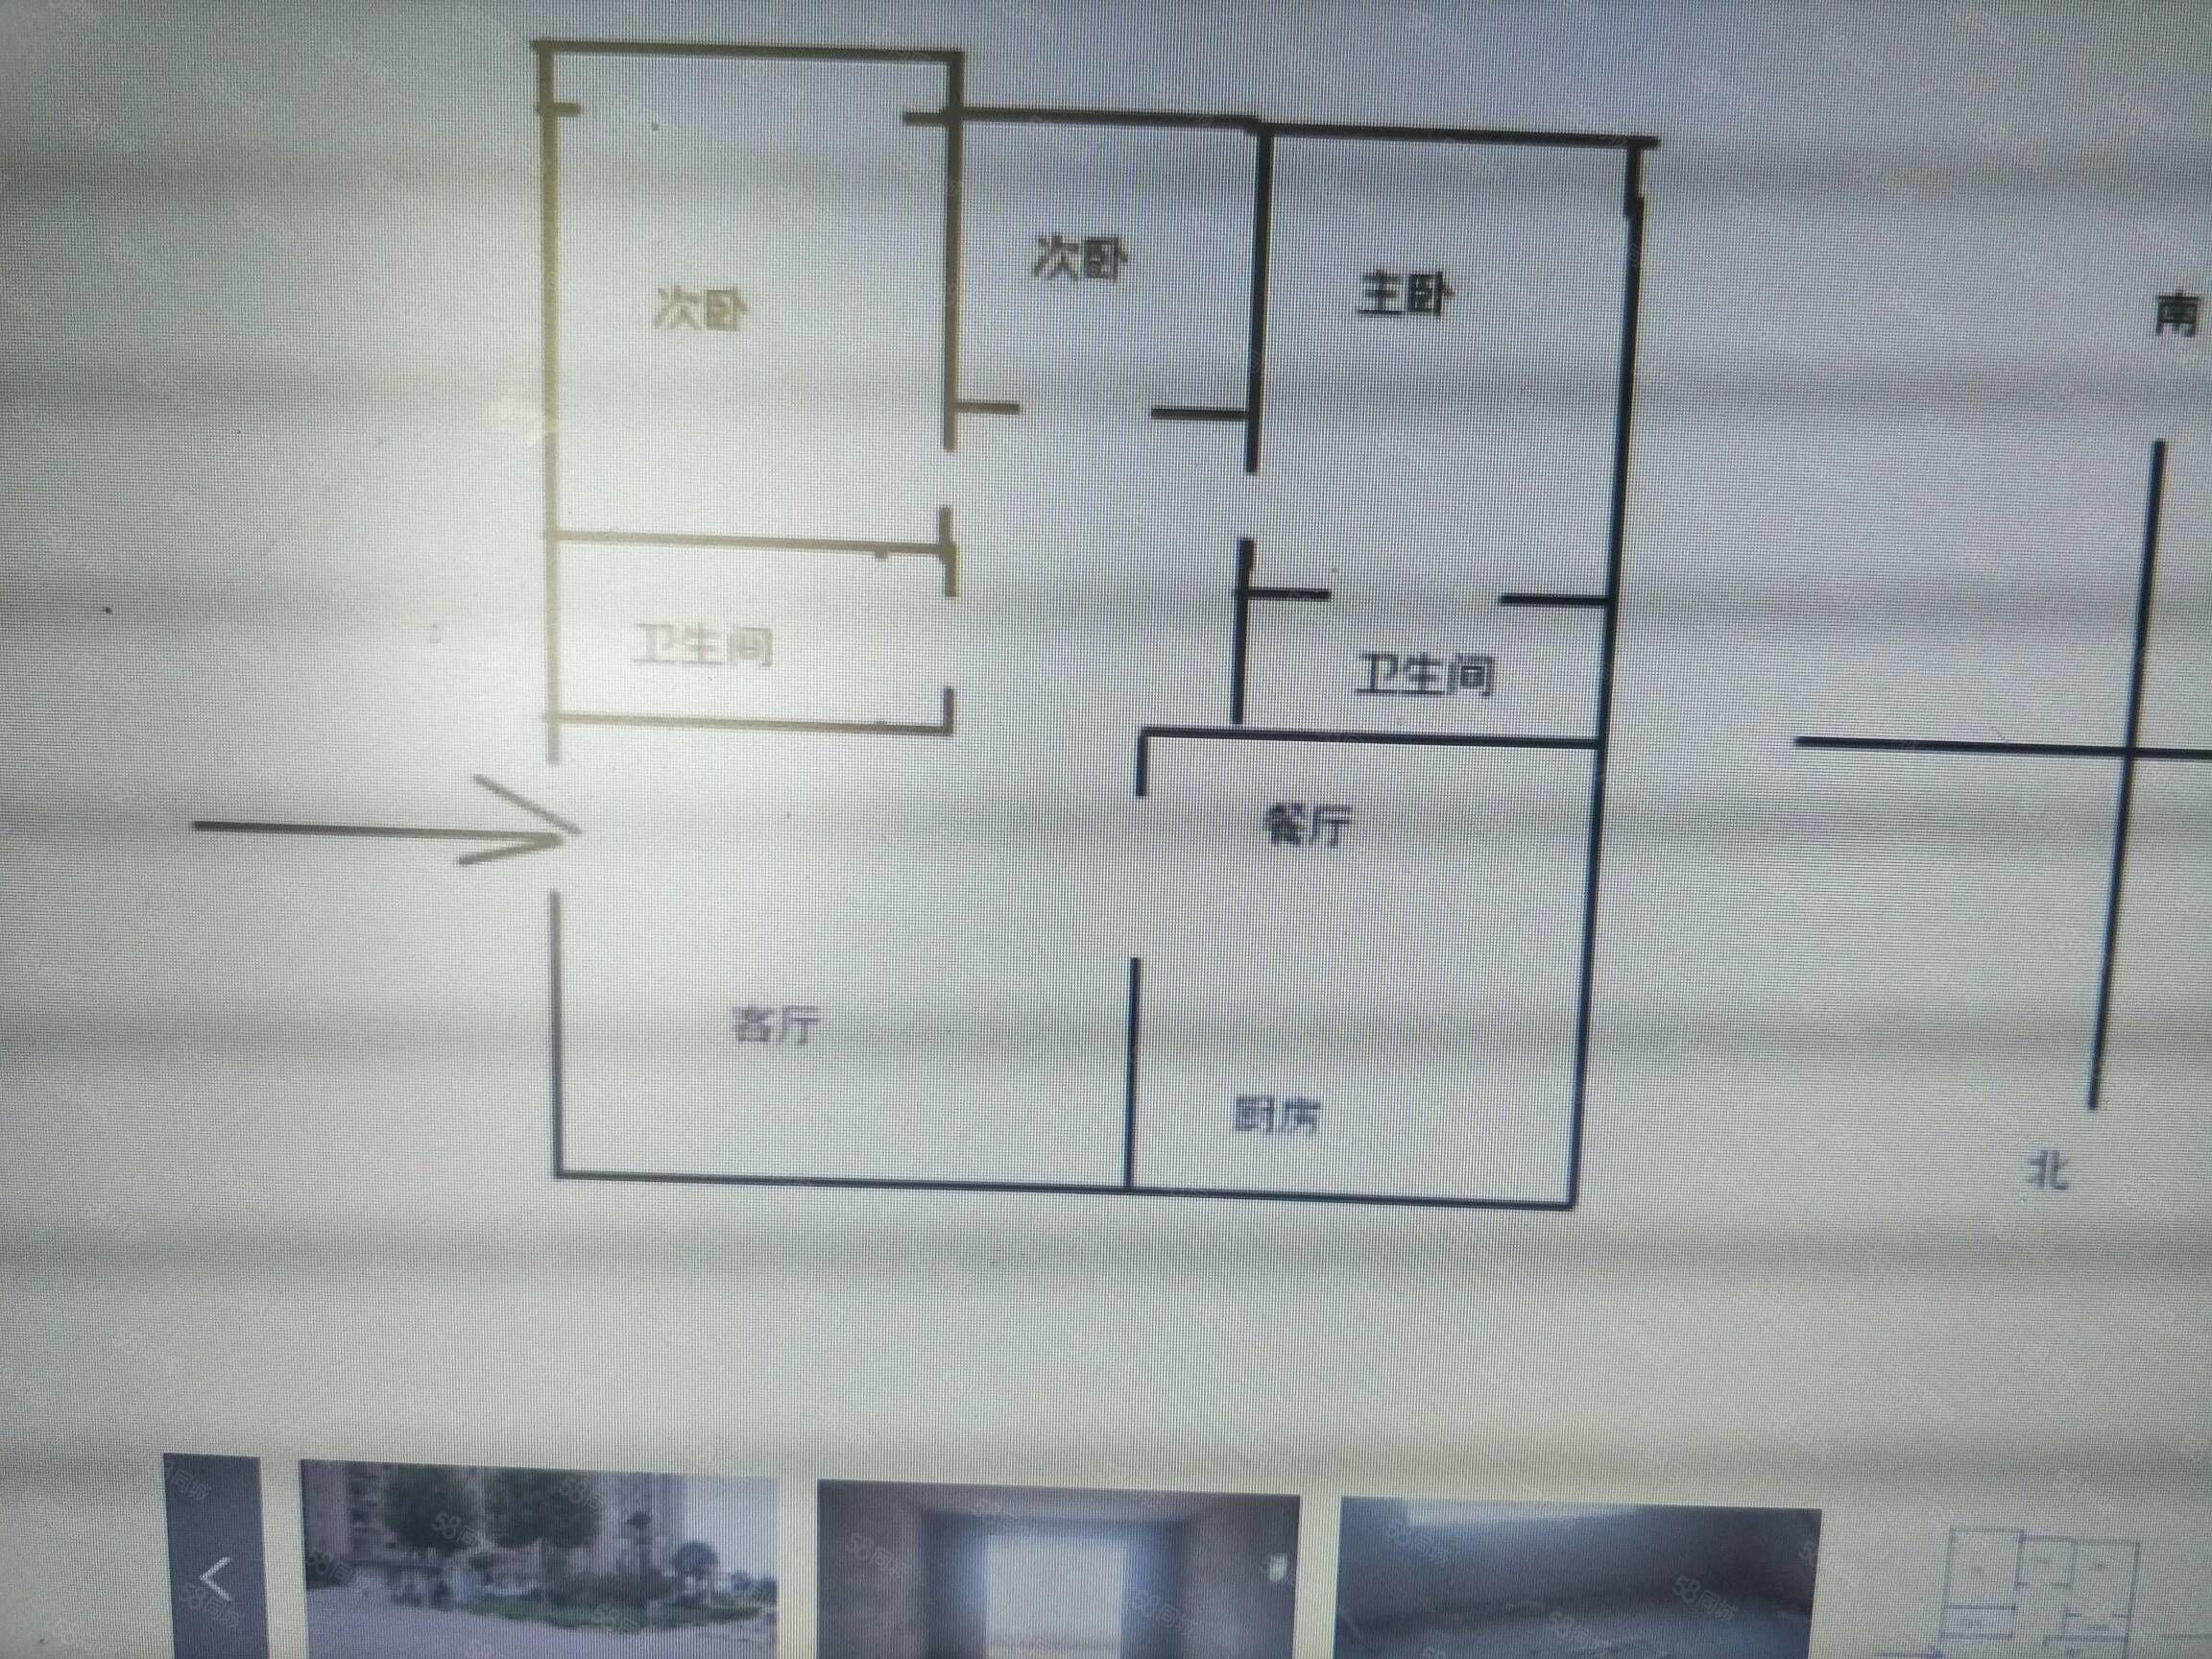 急售急售惠澤苑毛坯房119平米的3室2廳1衛12層需要全款